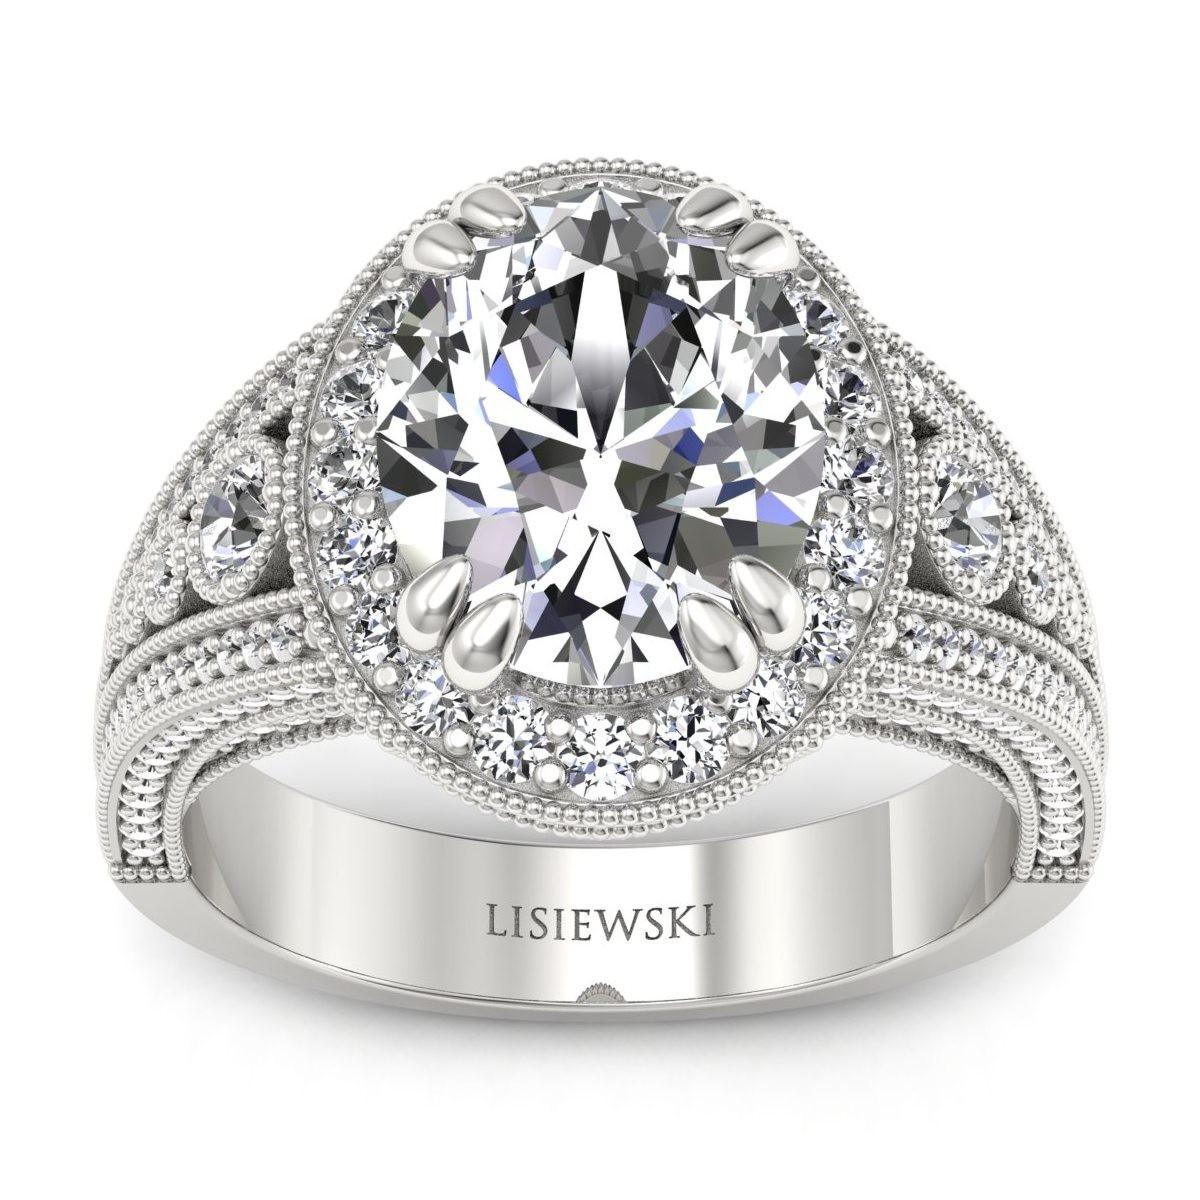 Marilyn - Platynowy pierścionek z diamentami